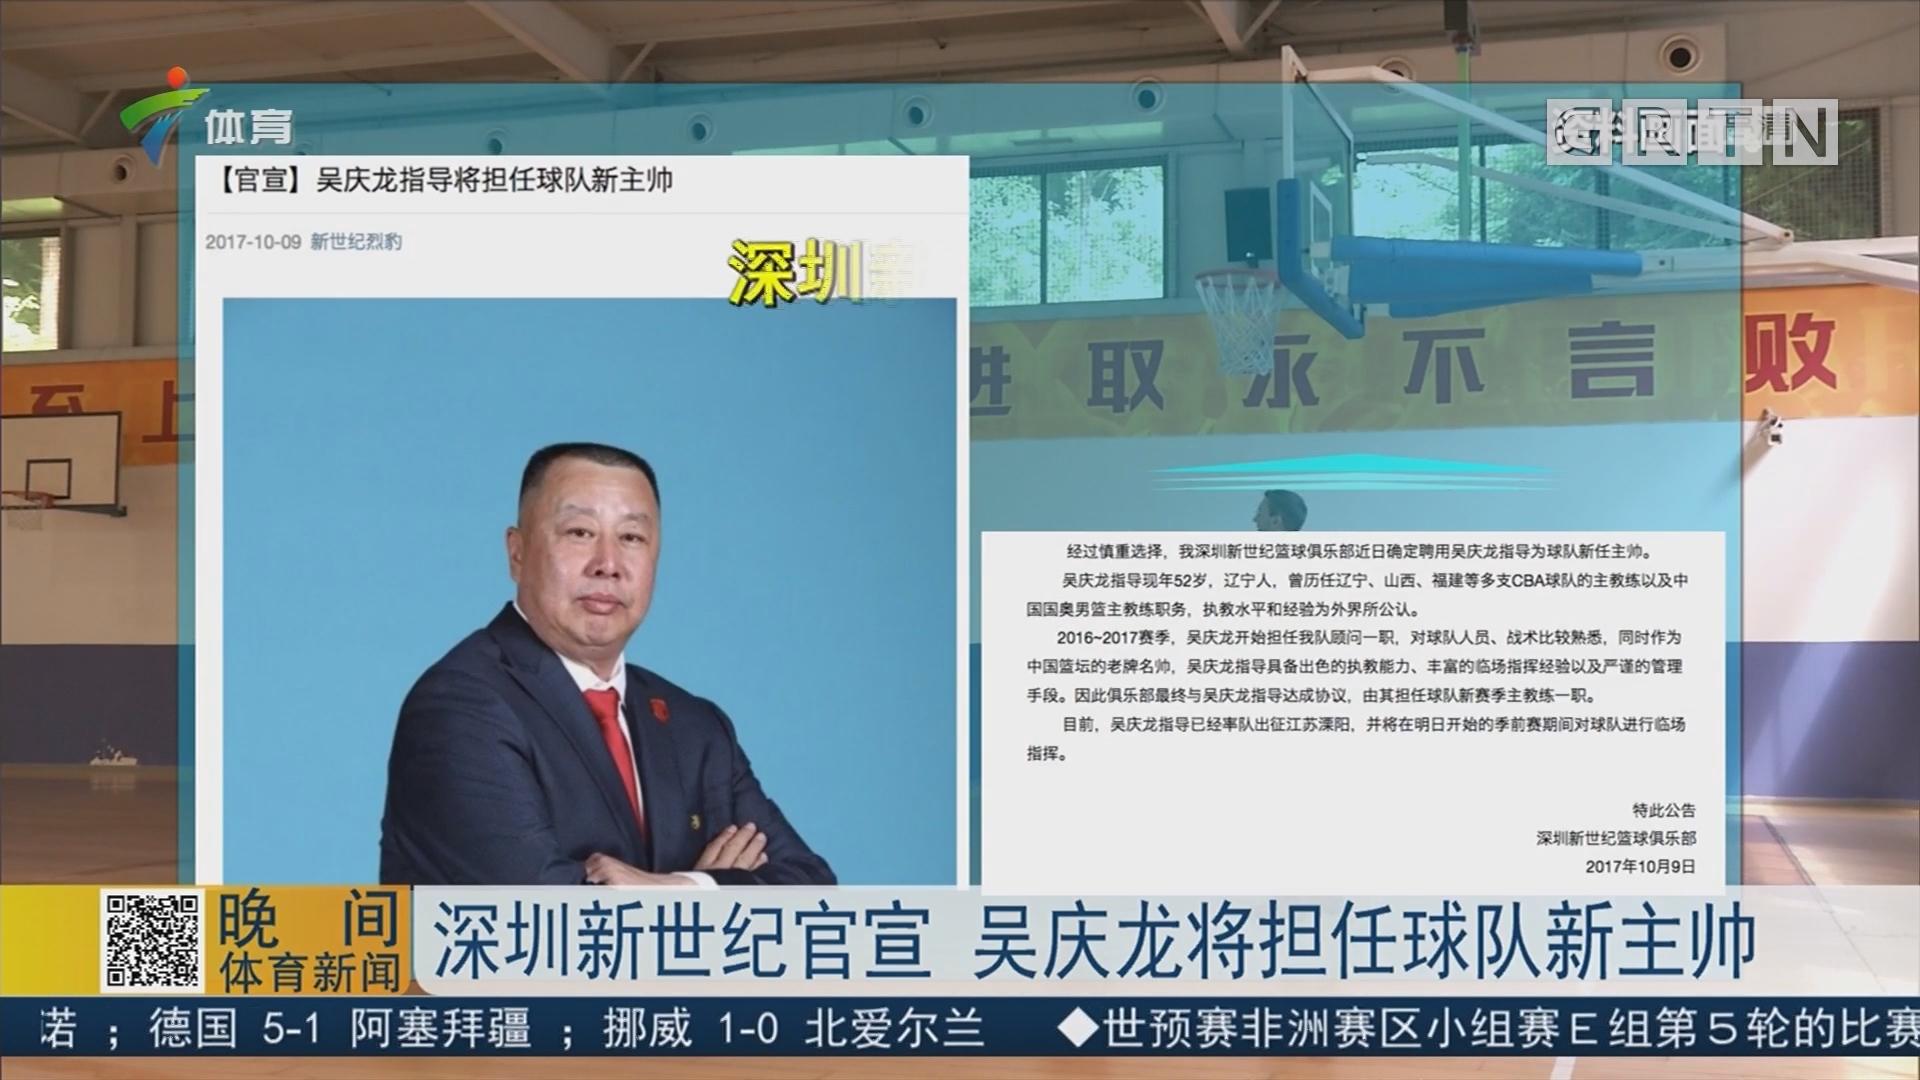 深圳新世纪官宣 吴庆龙将担任球队新主帅